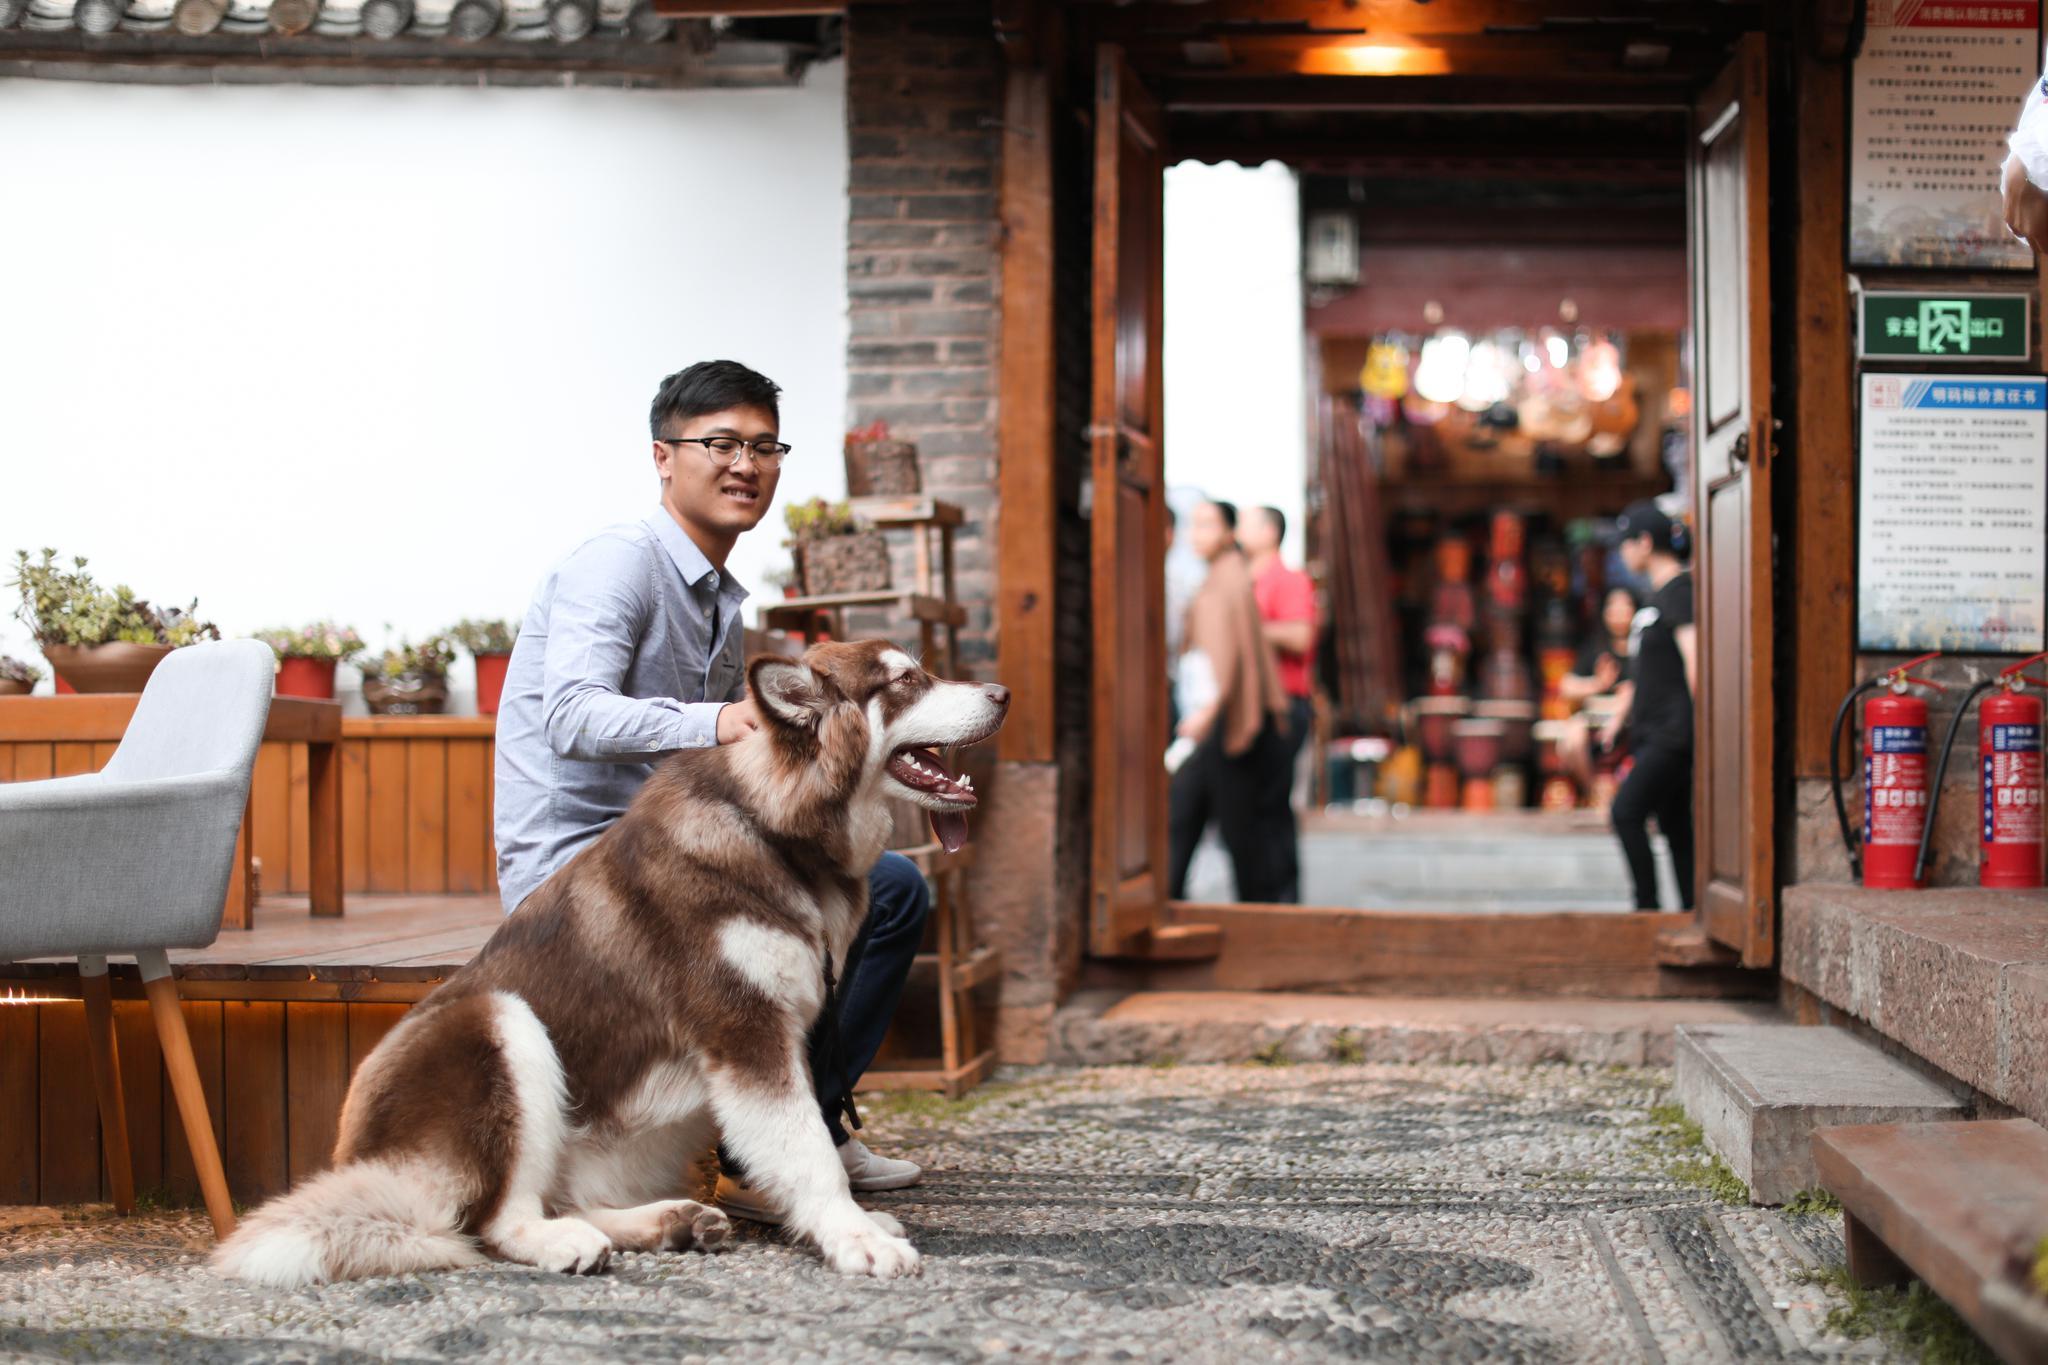 街旁的客栈里,店主和爱犬